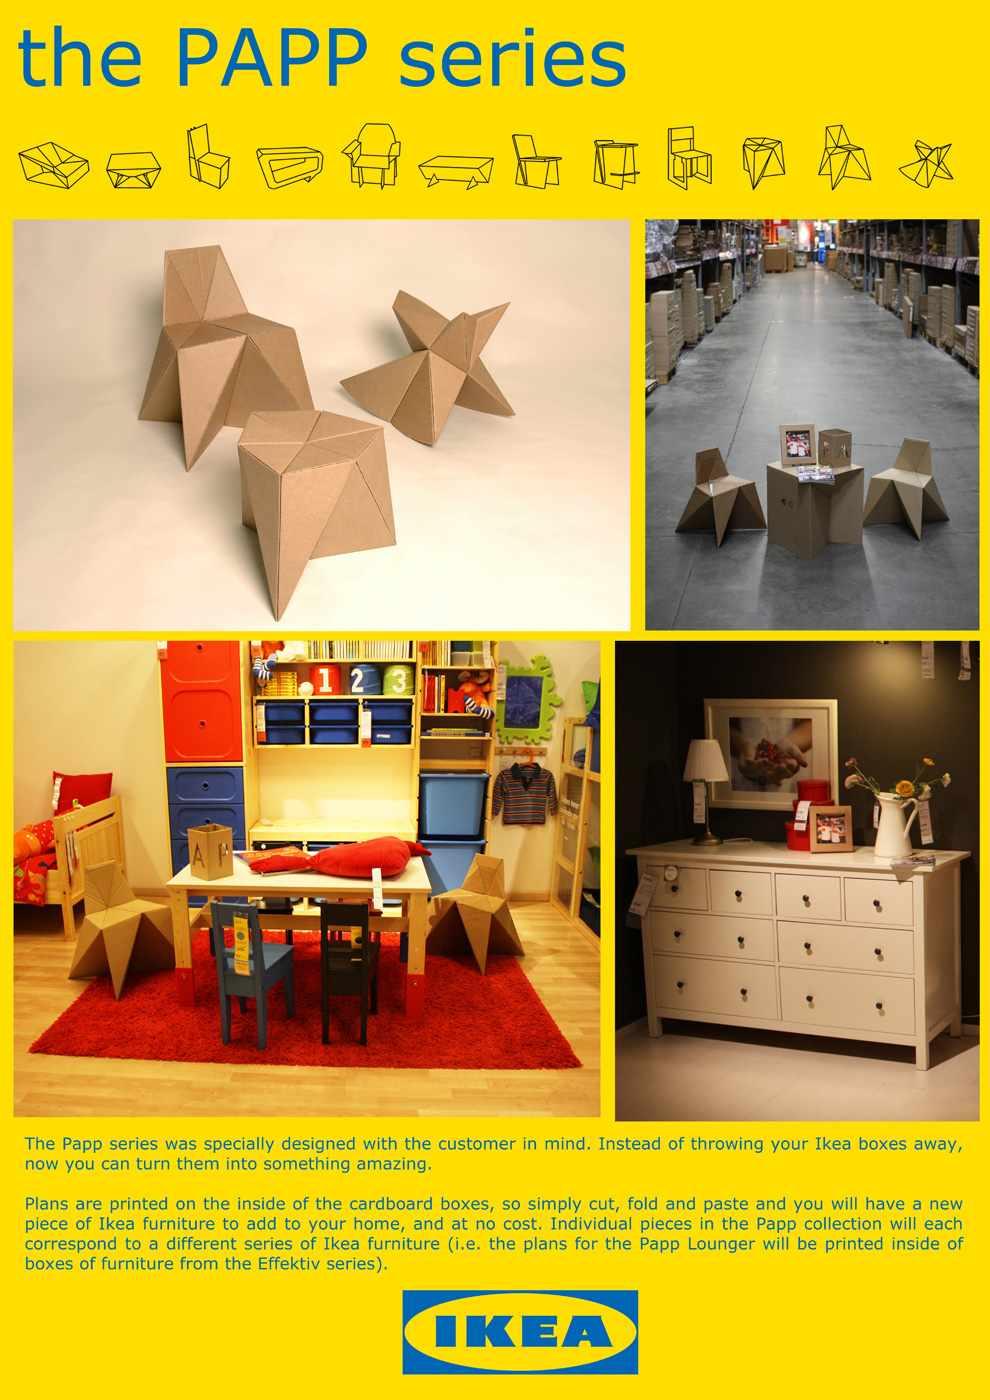 IKEA-PAPP-PRESENTATION-BOARD